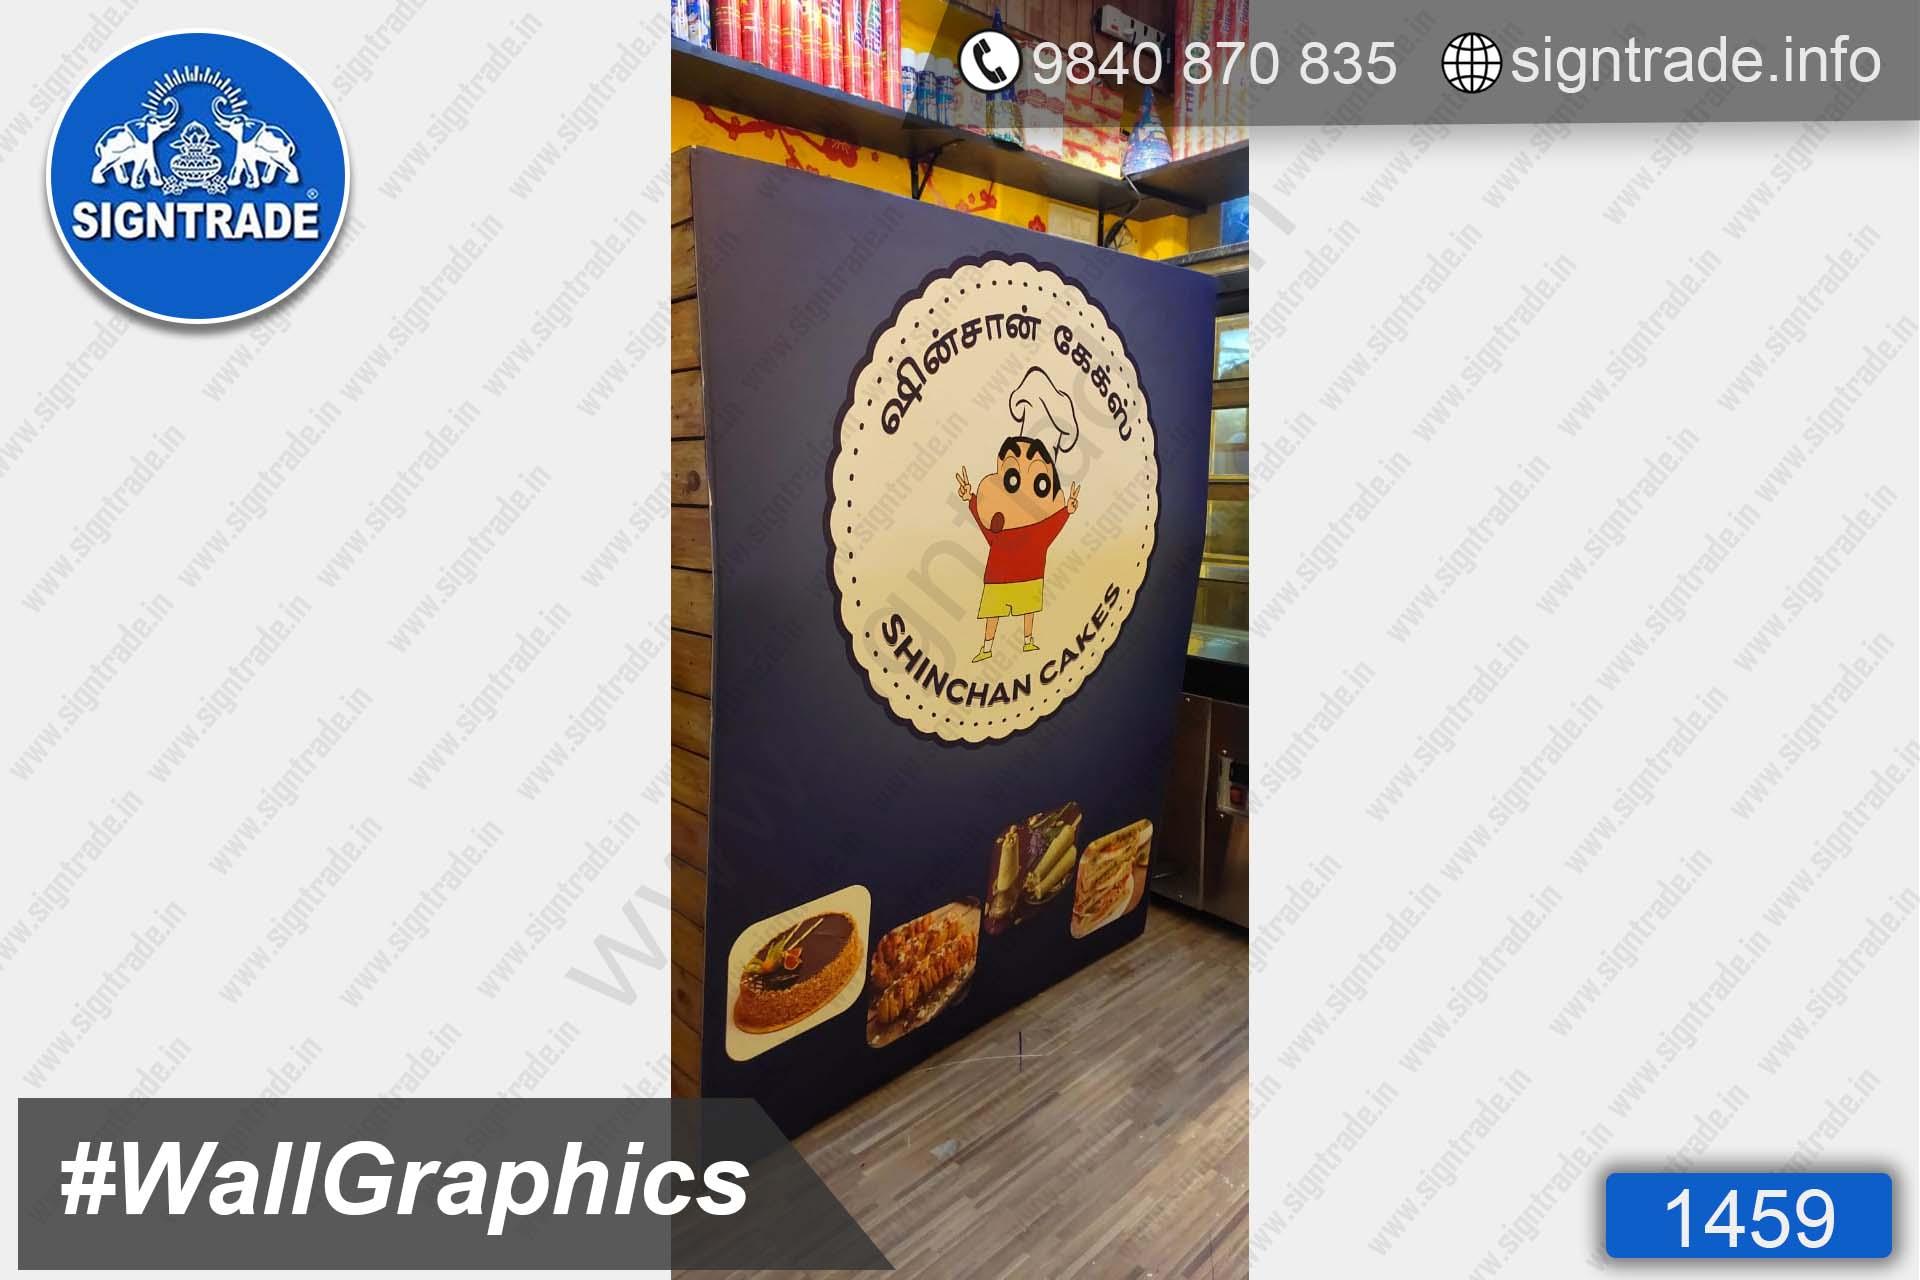 Shinchan Cakes Wall Graphics